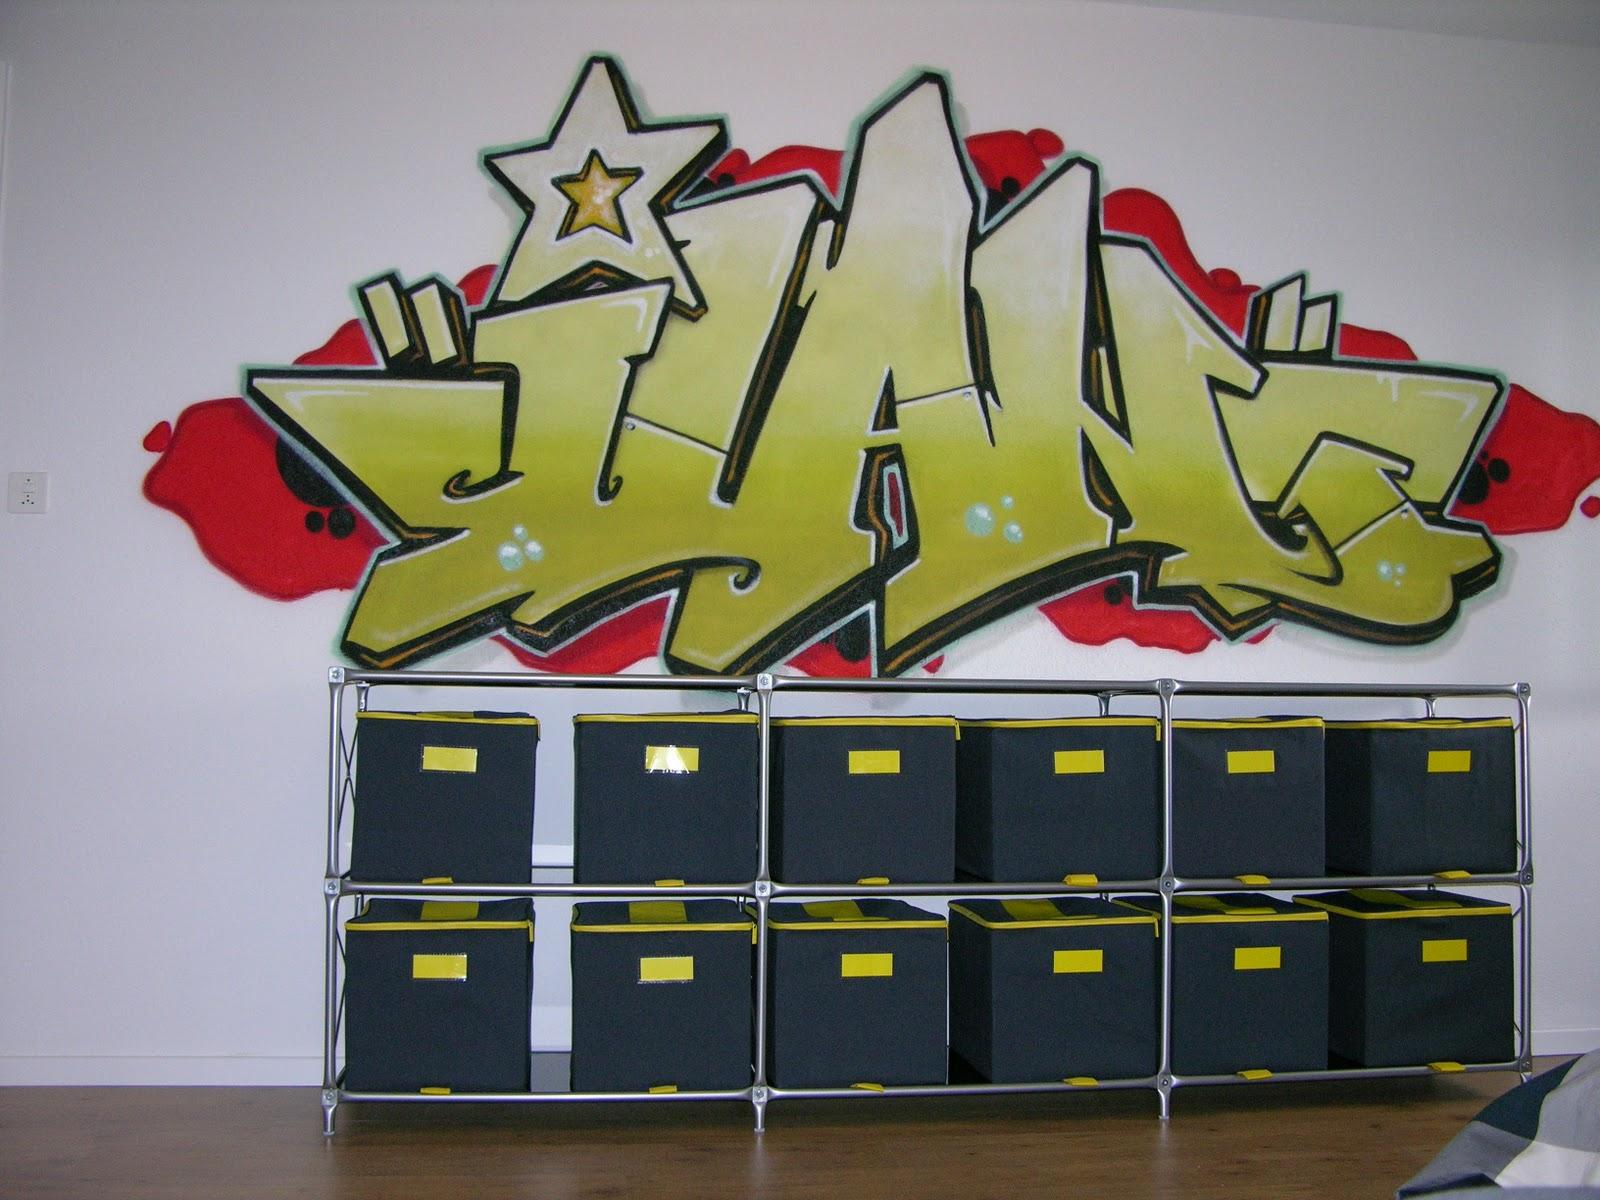 Graffiti chambre enfant - Tag prenom gratuit ...